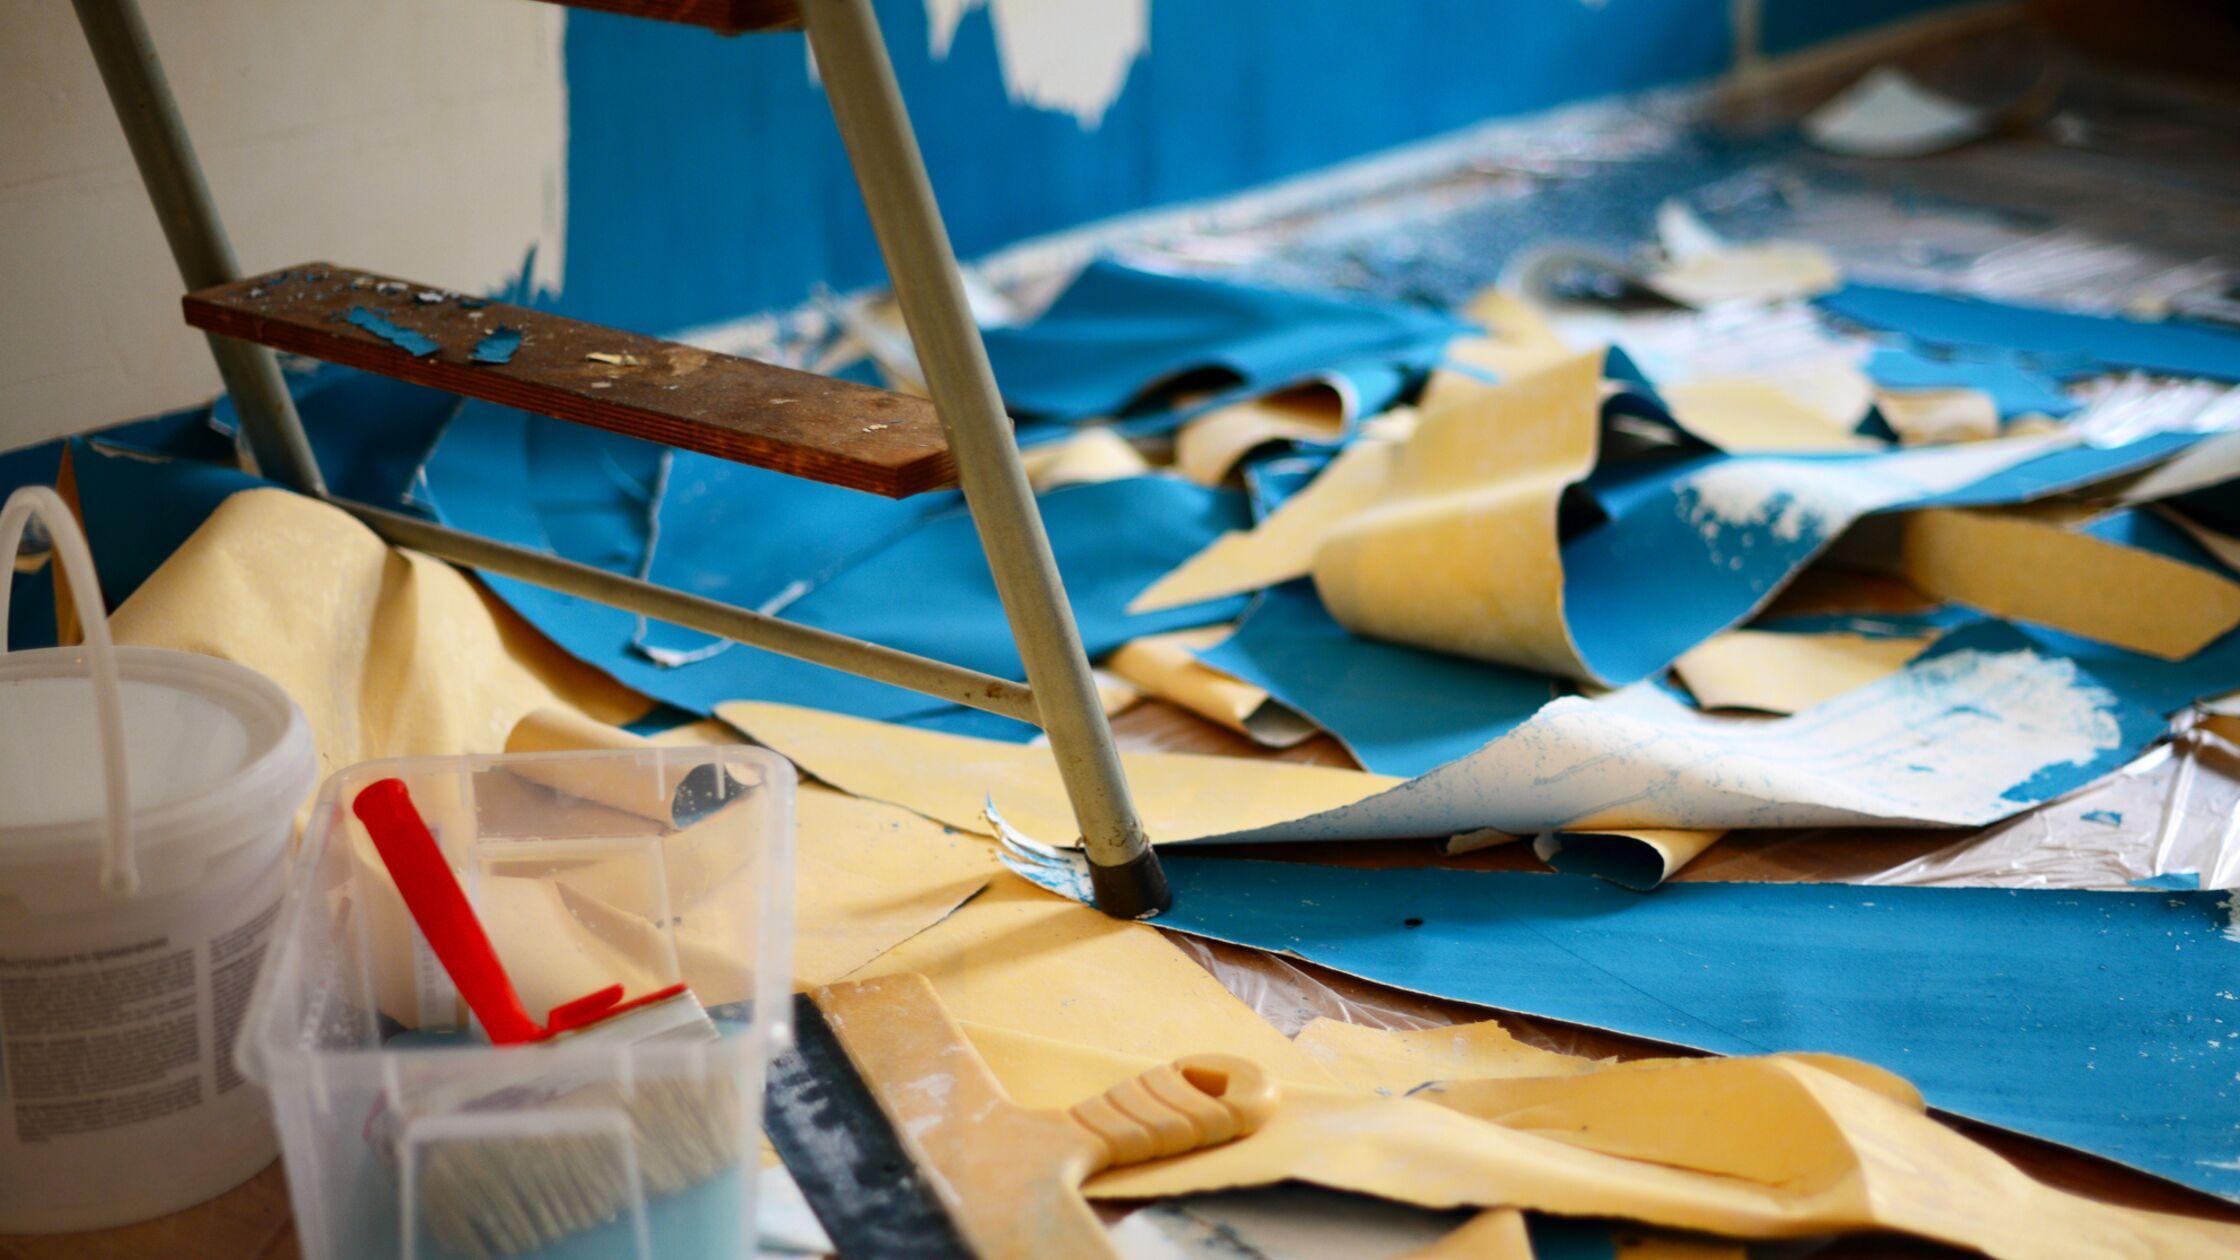 Tapeten entfernen macht eine Menge Dreck und Müll – aber es lohnt sich. Denn die neue Wand lässt gleich den ganzen Raum anders wirken.